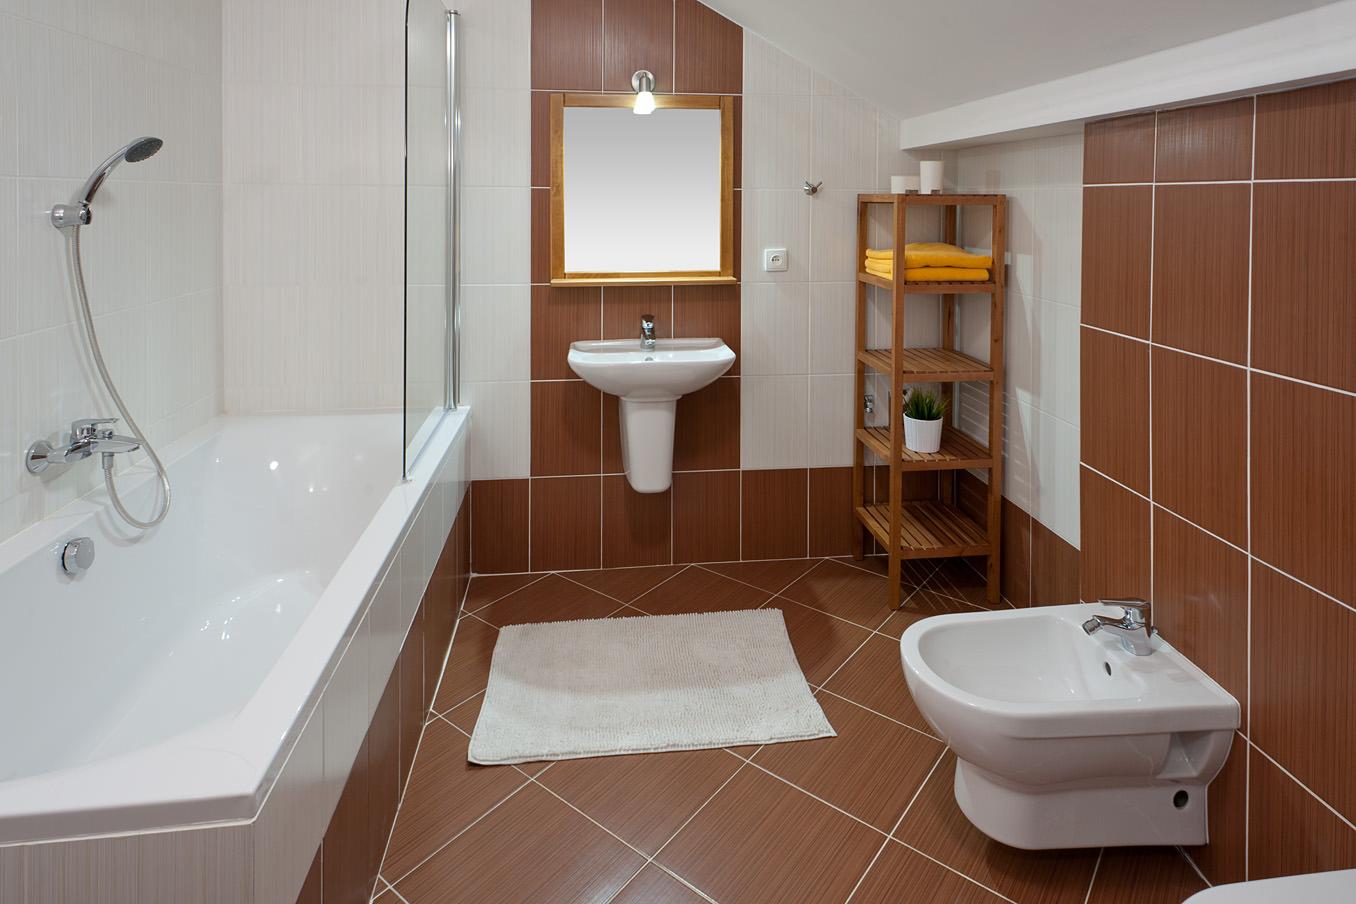 Трахаются в ванной комнате 8 фотография